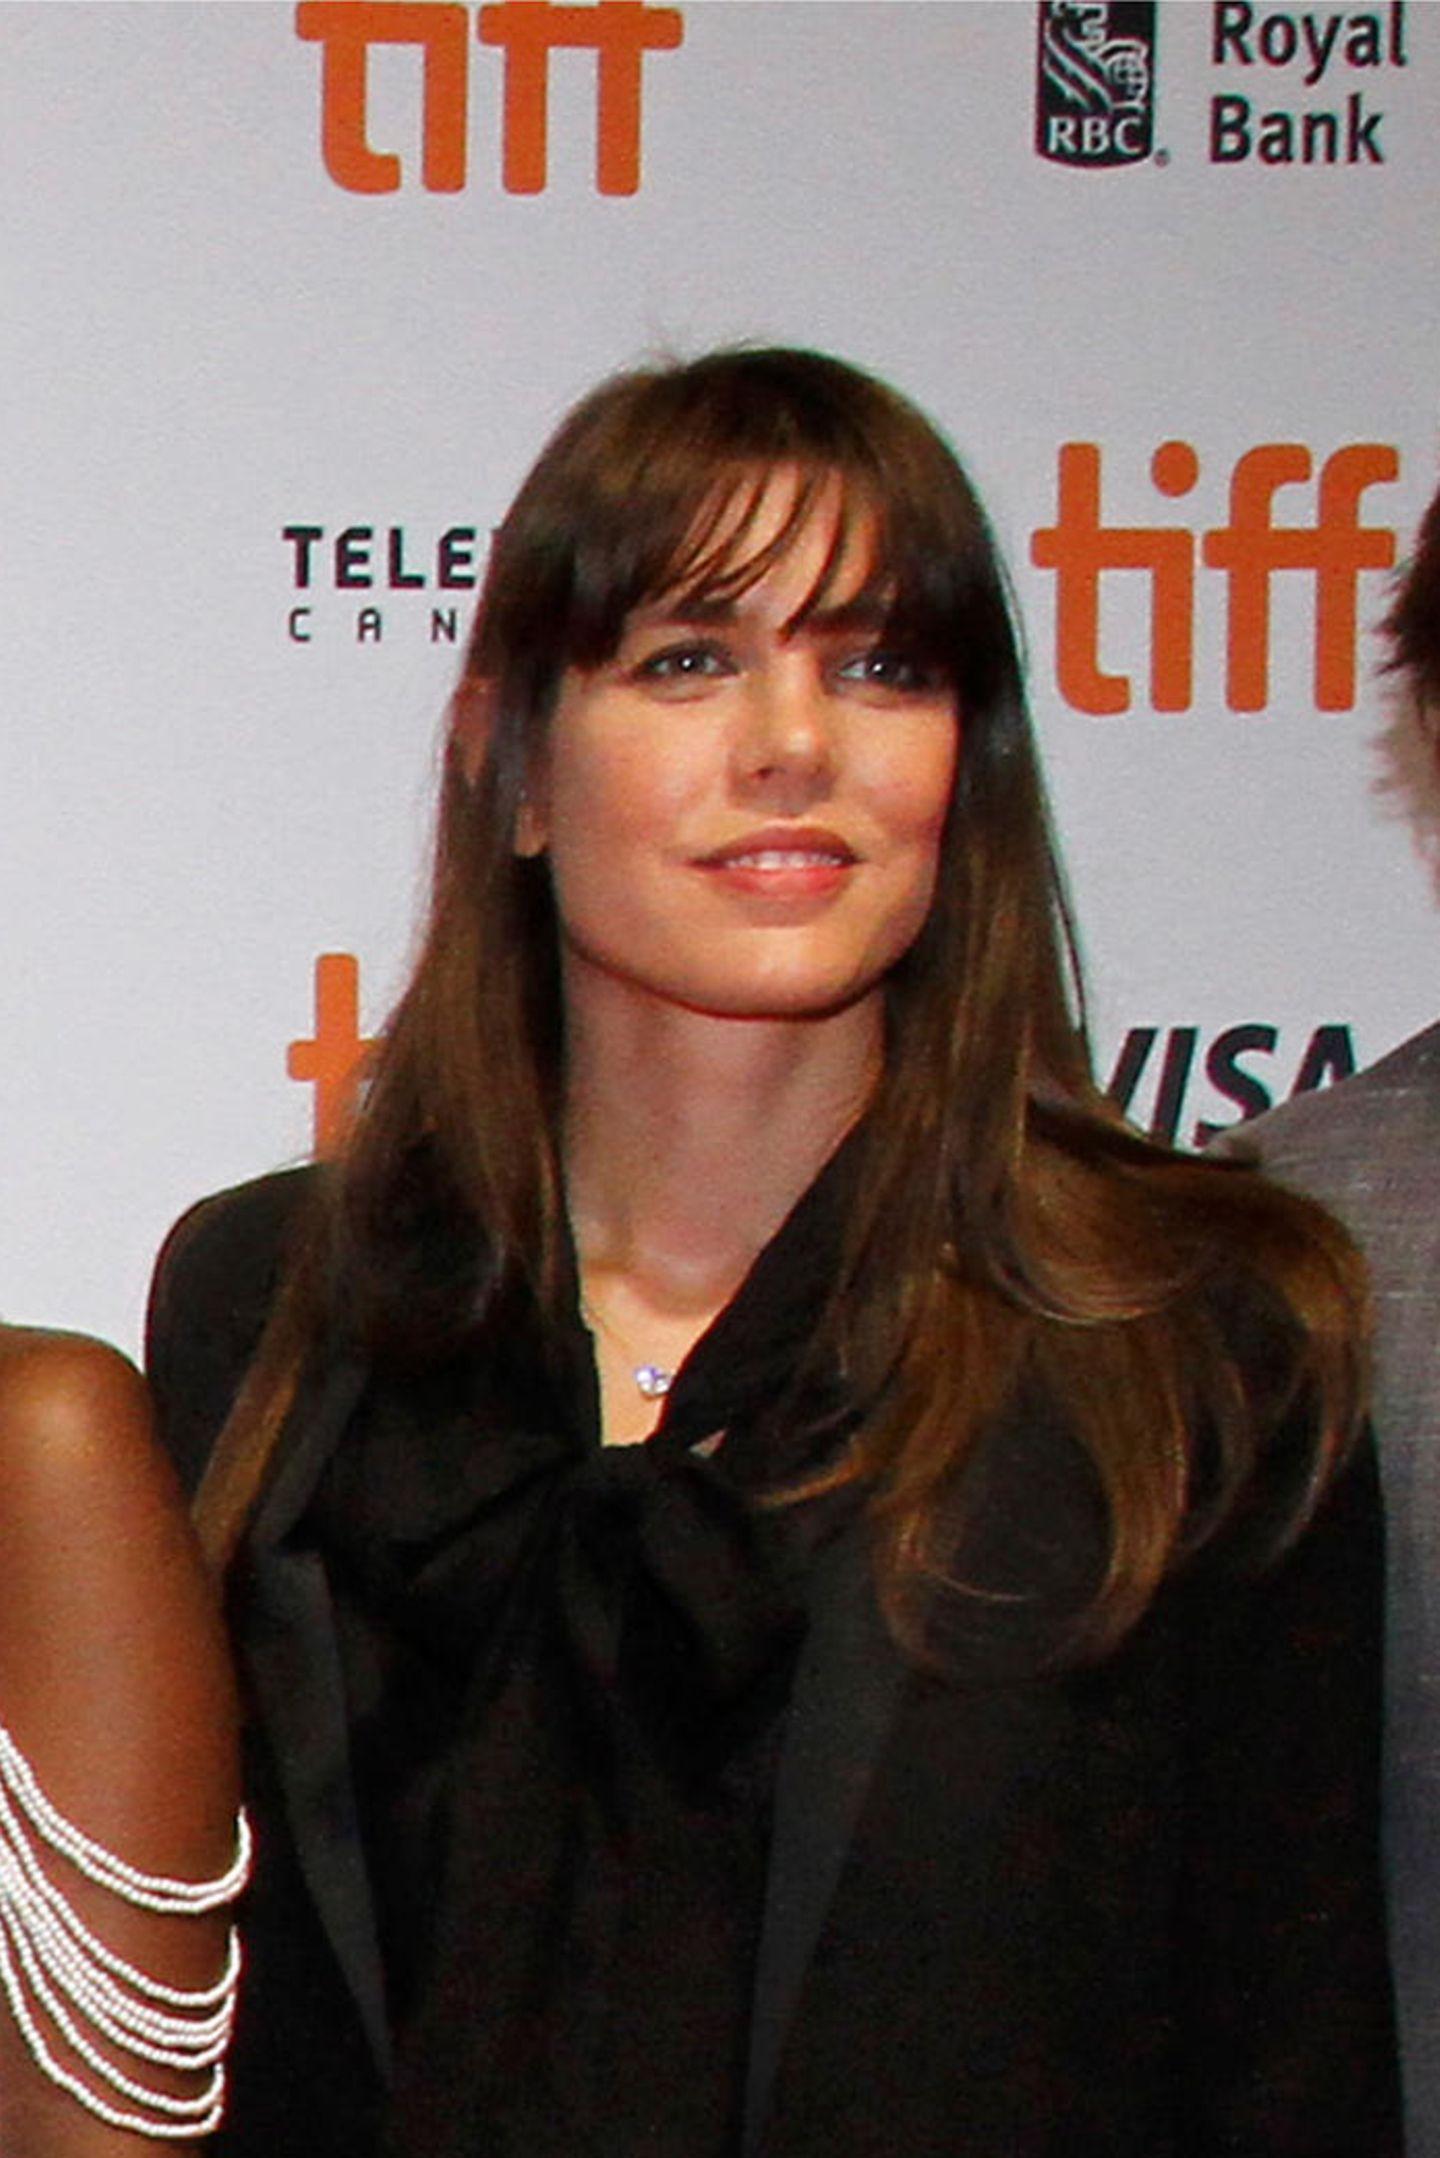 Beim Filmfestival in Toronto zeigtCharlotte Casiraghi ihre neue Pony-Frisur – und erinnert damit umso mehr an ihre Mutter Caroline von Hannover in jungen Jahren.